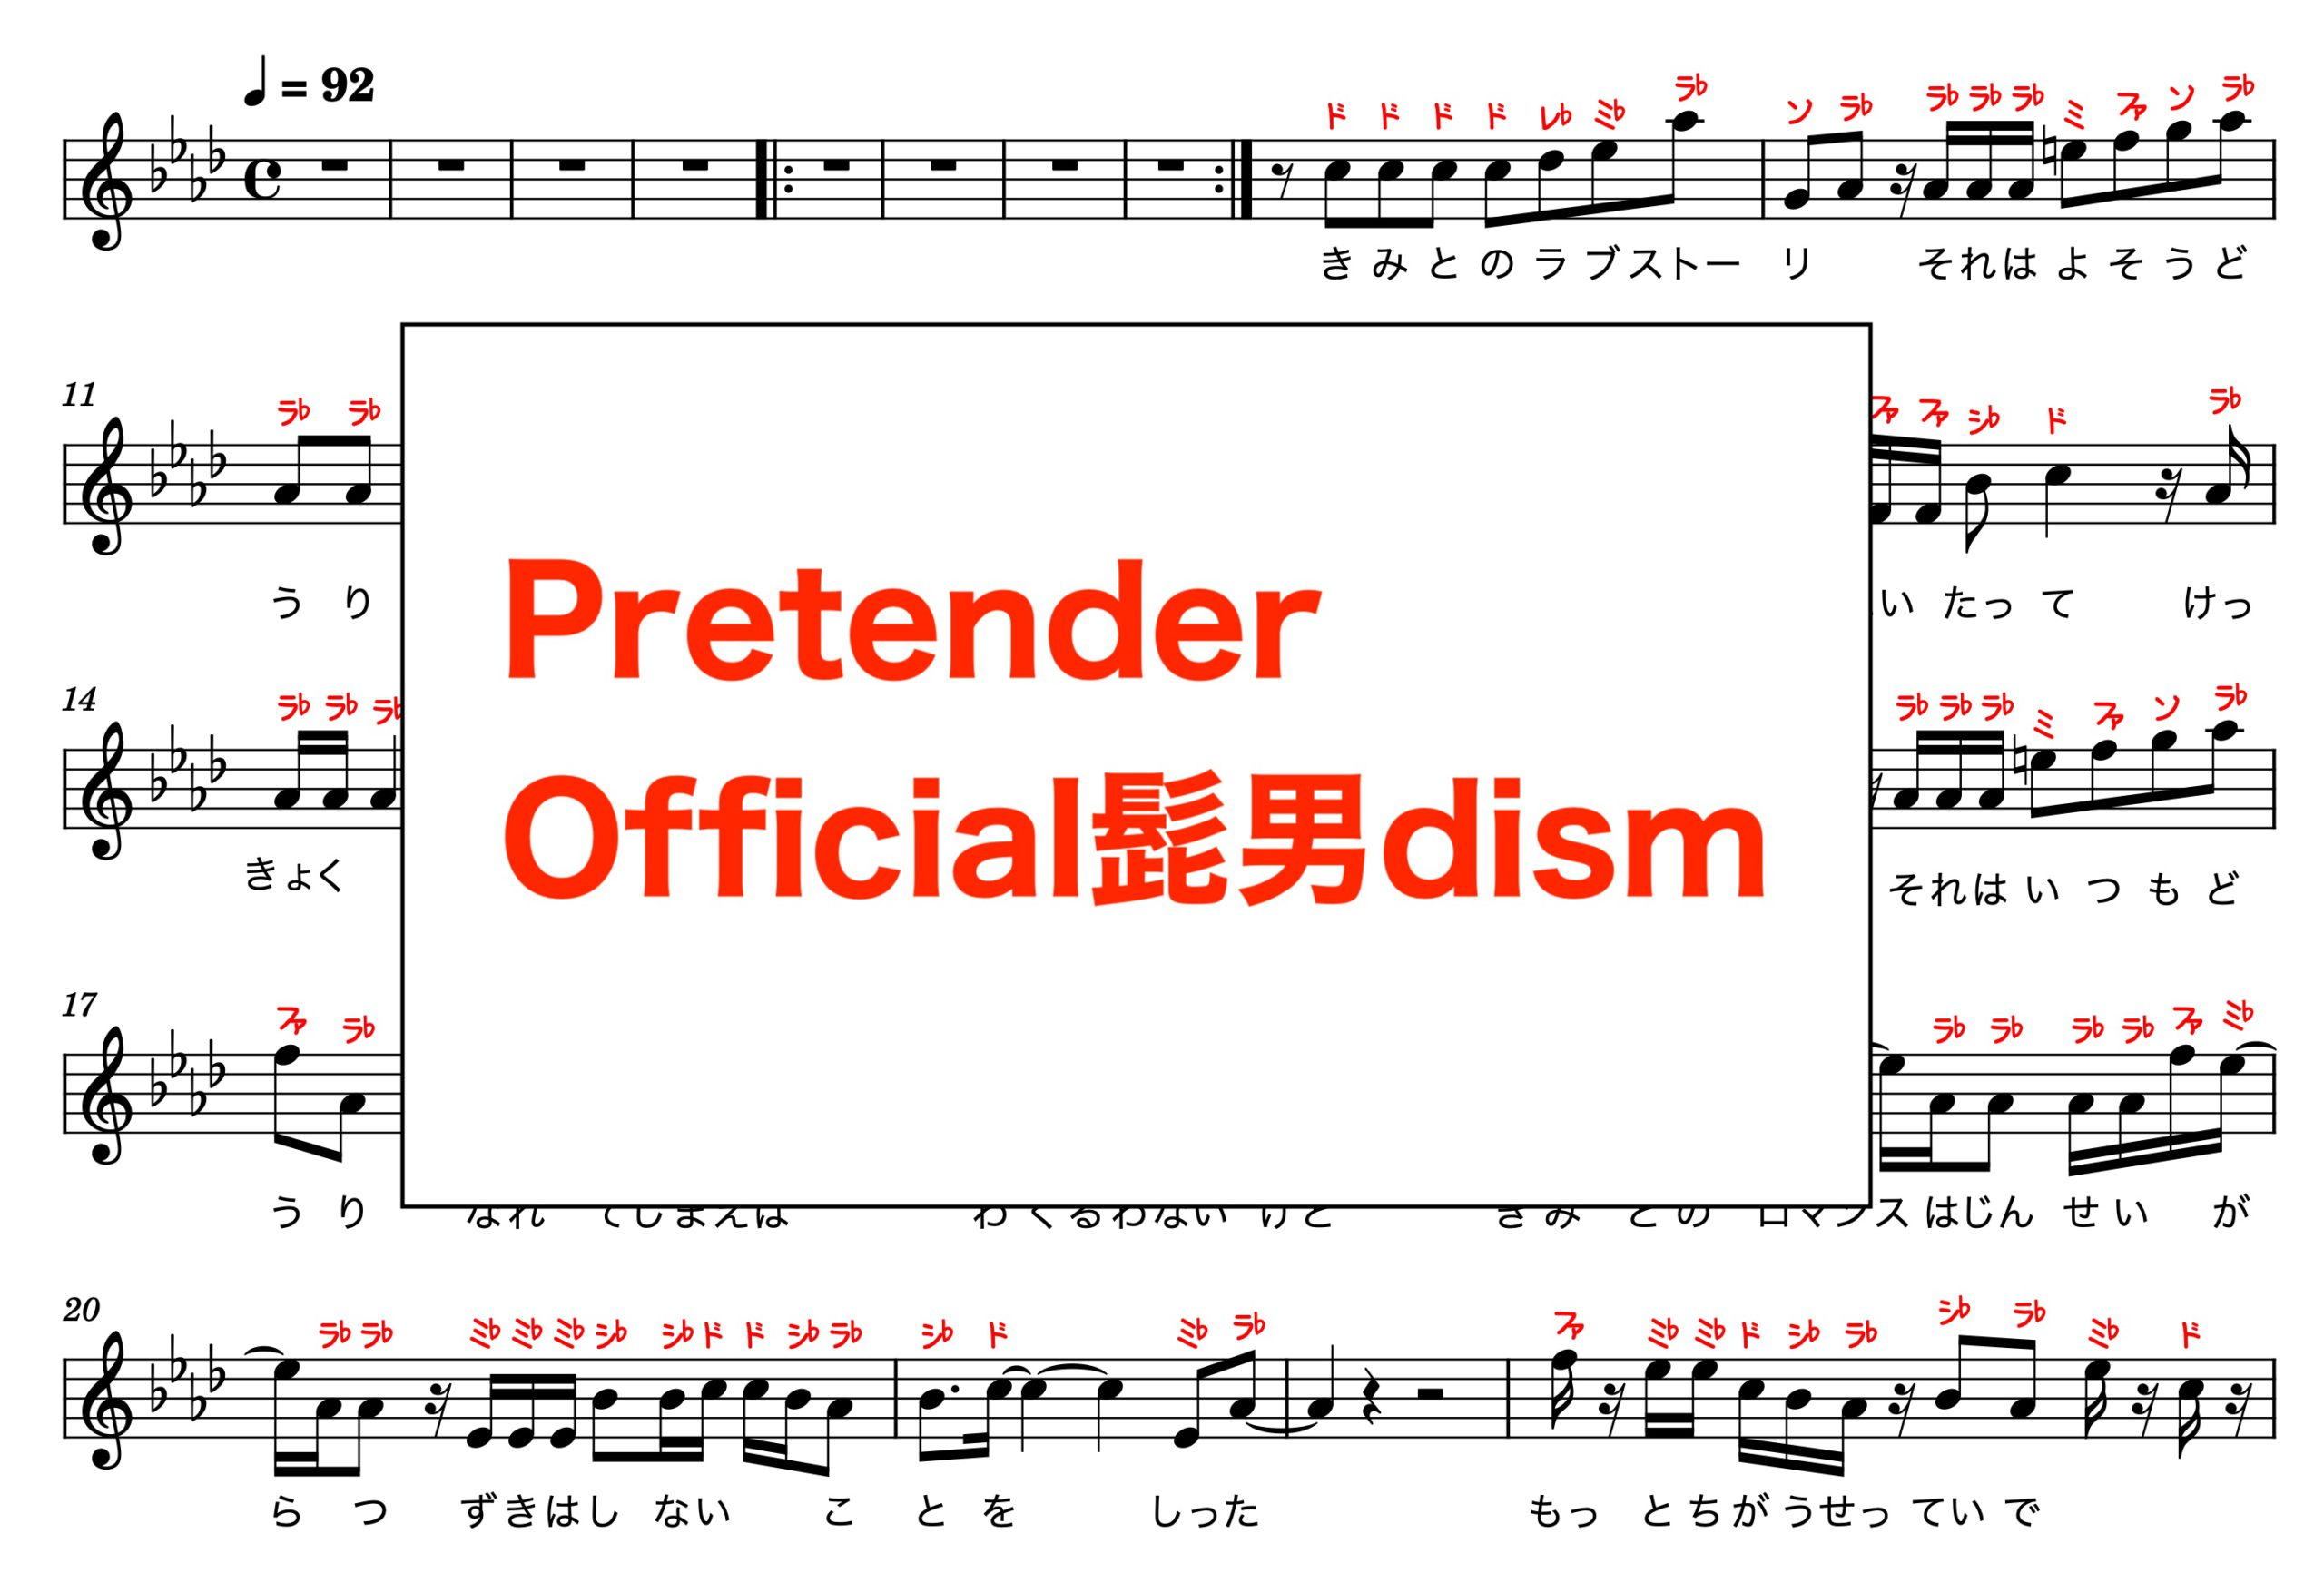 プレ テンダー 歌詞 意味